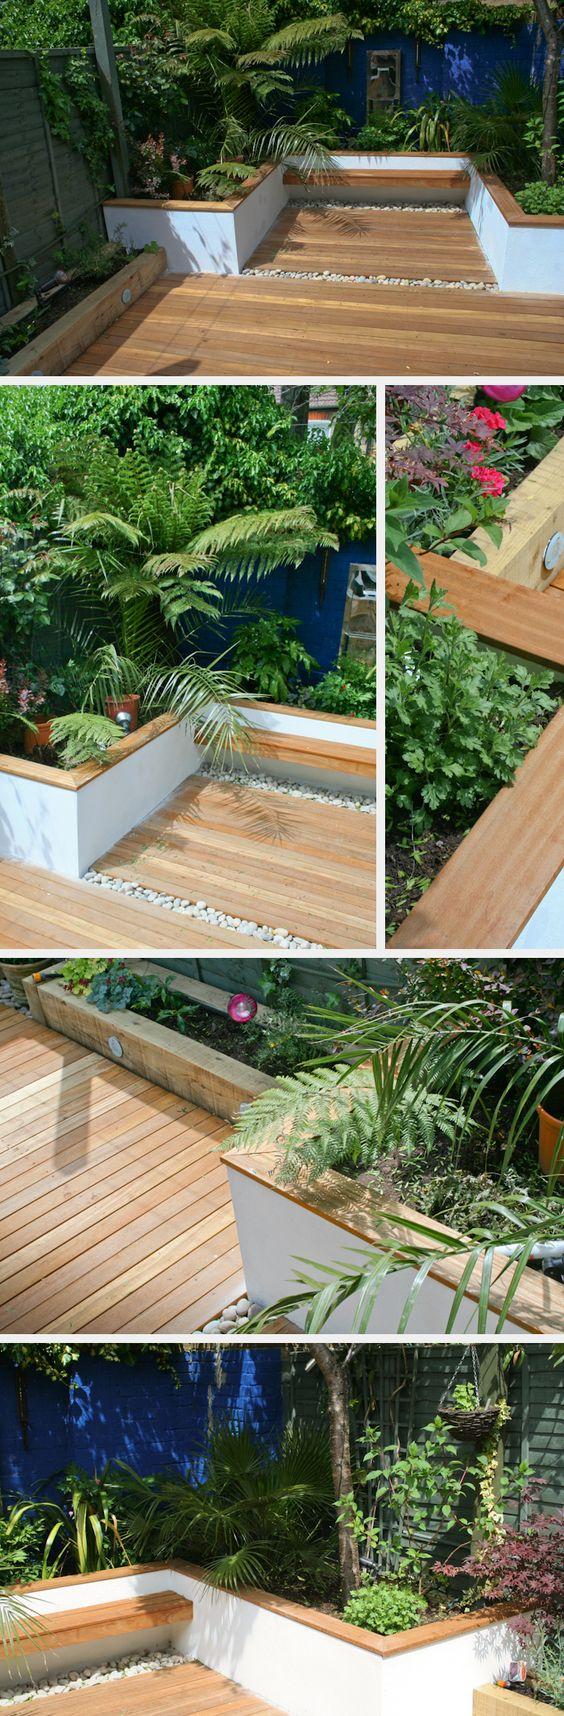 Идеи для сада - организация площадки из дерева